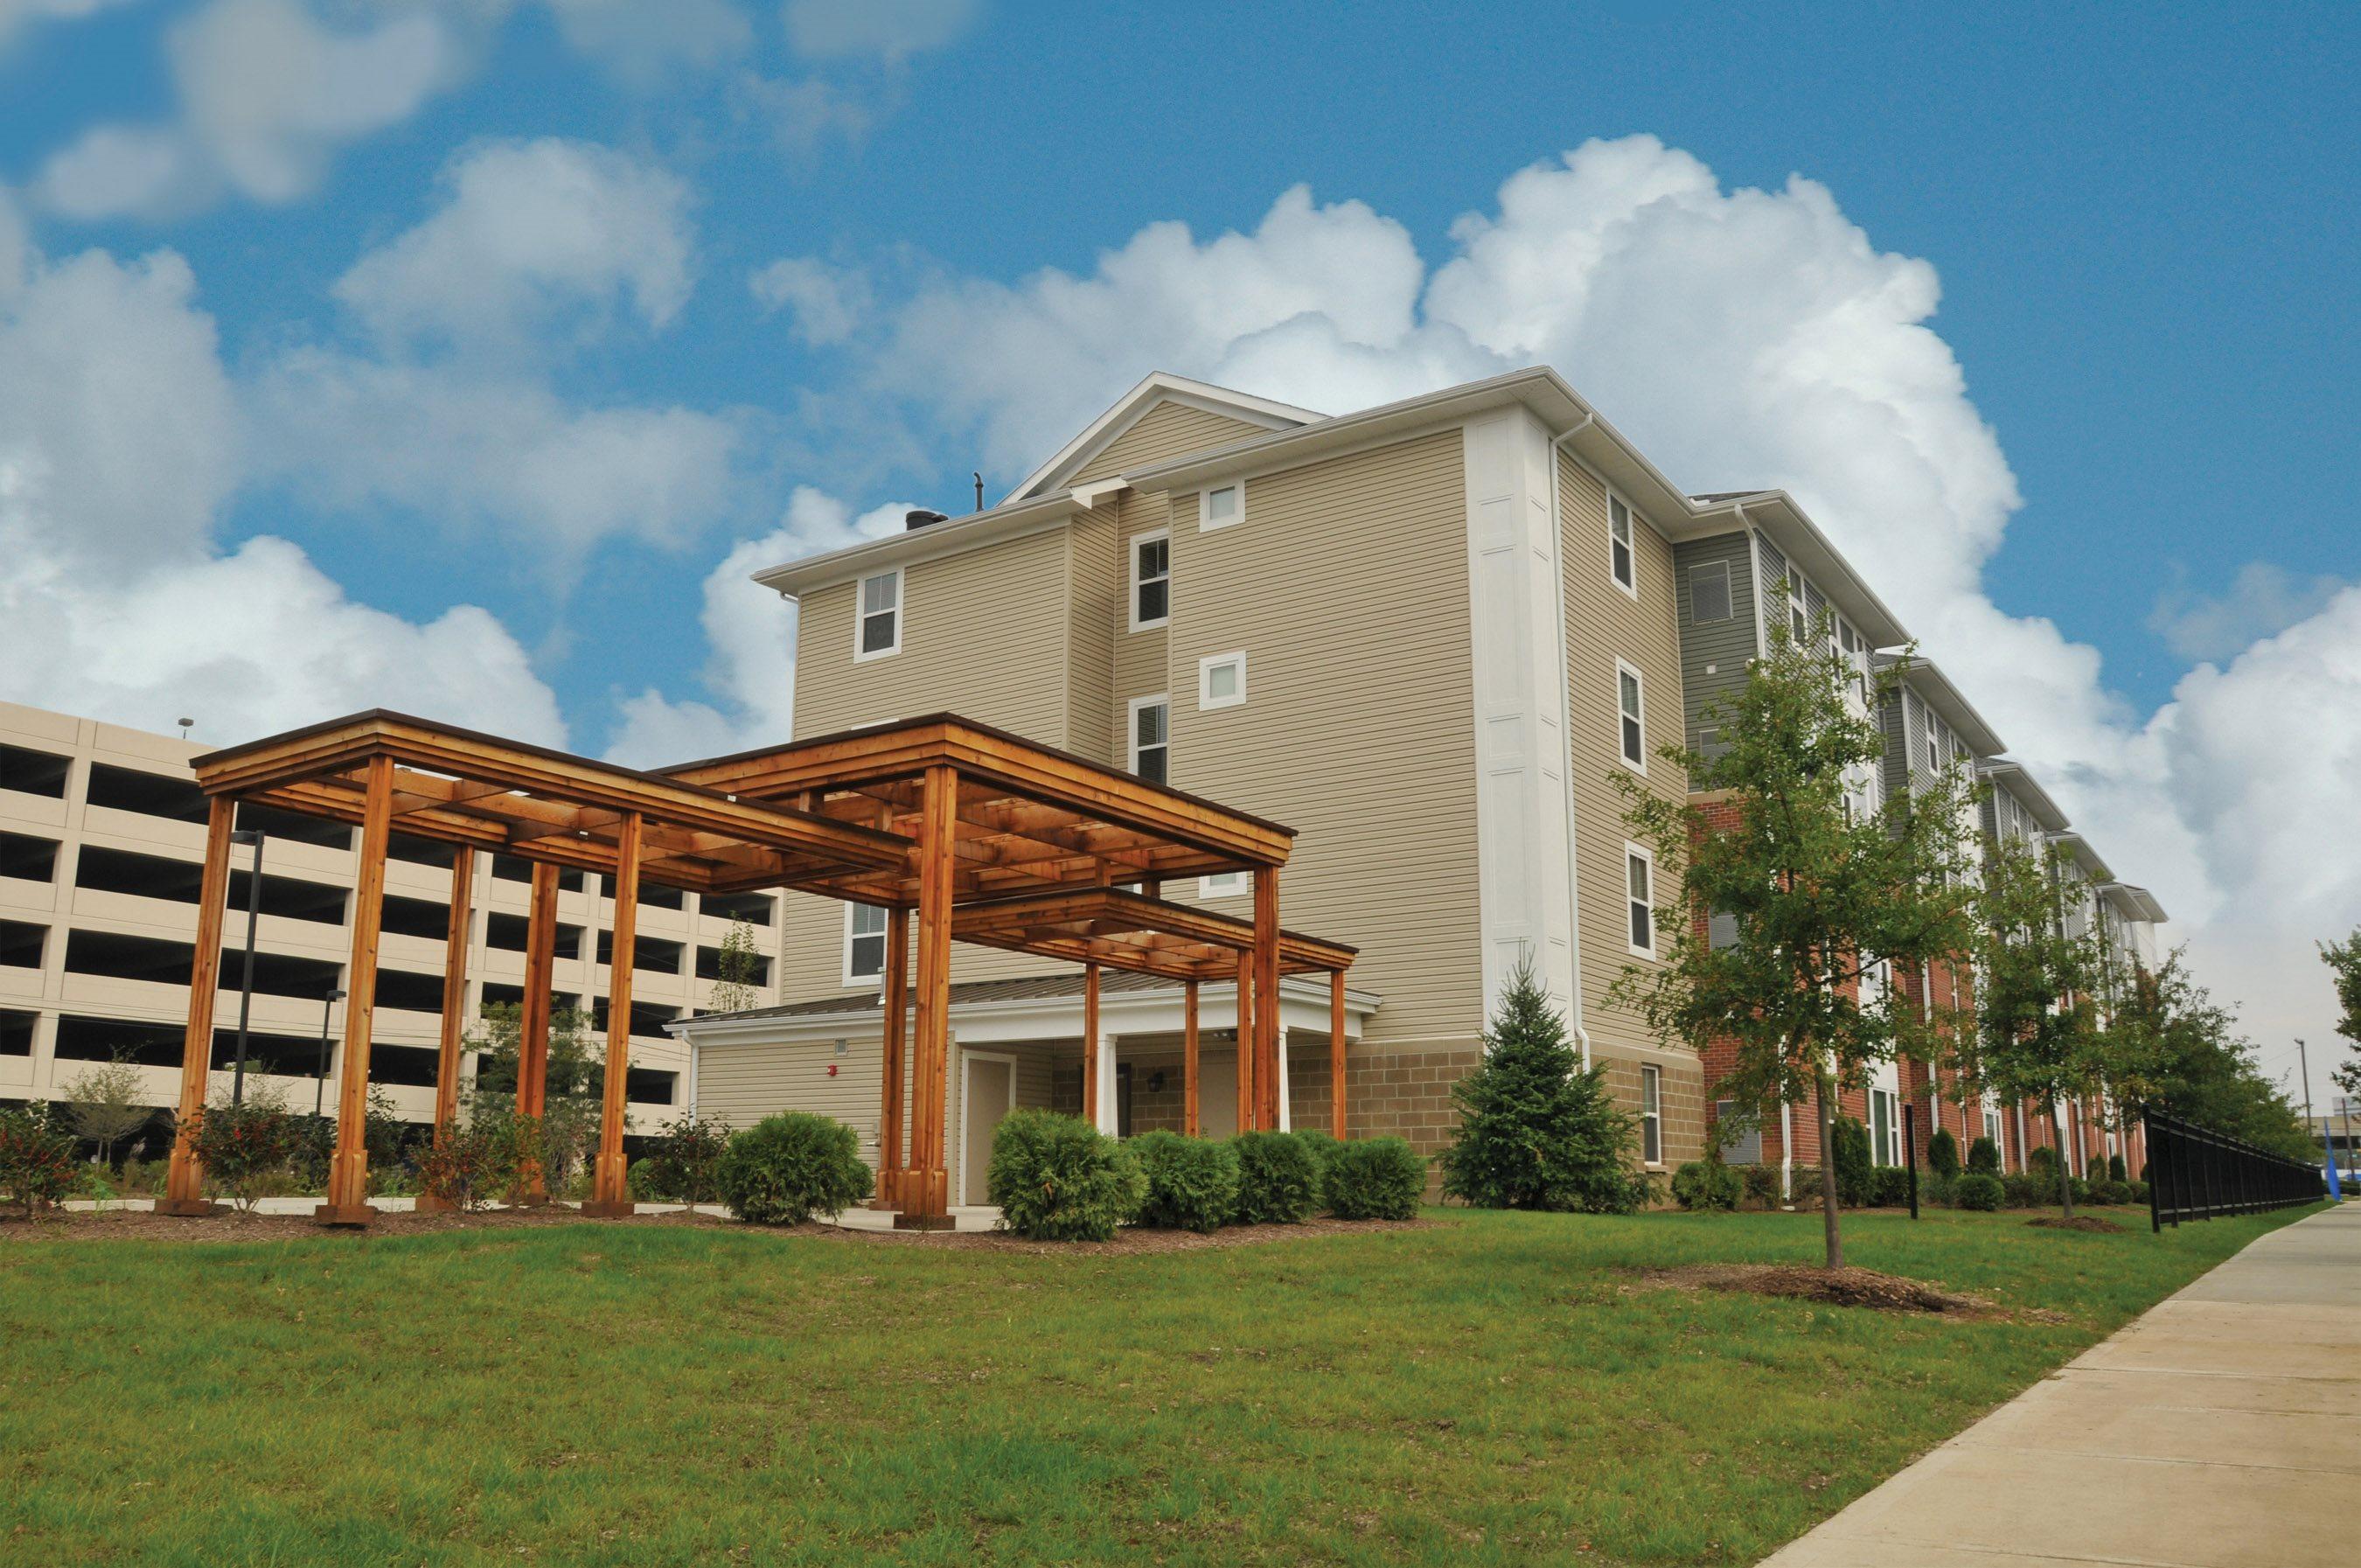 Image of Hawthorn Village Senior Apartments in Columbus, Ohio